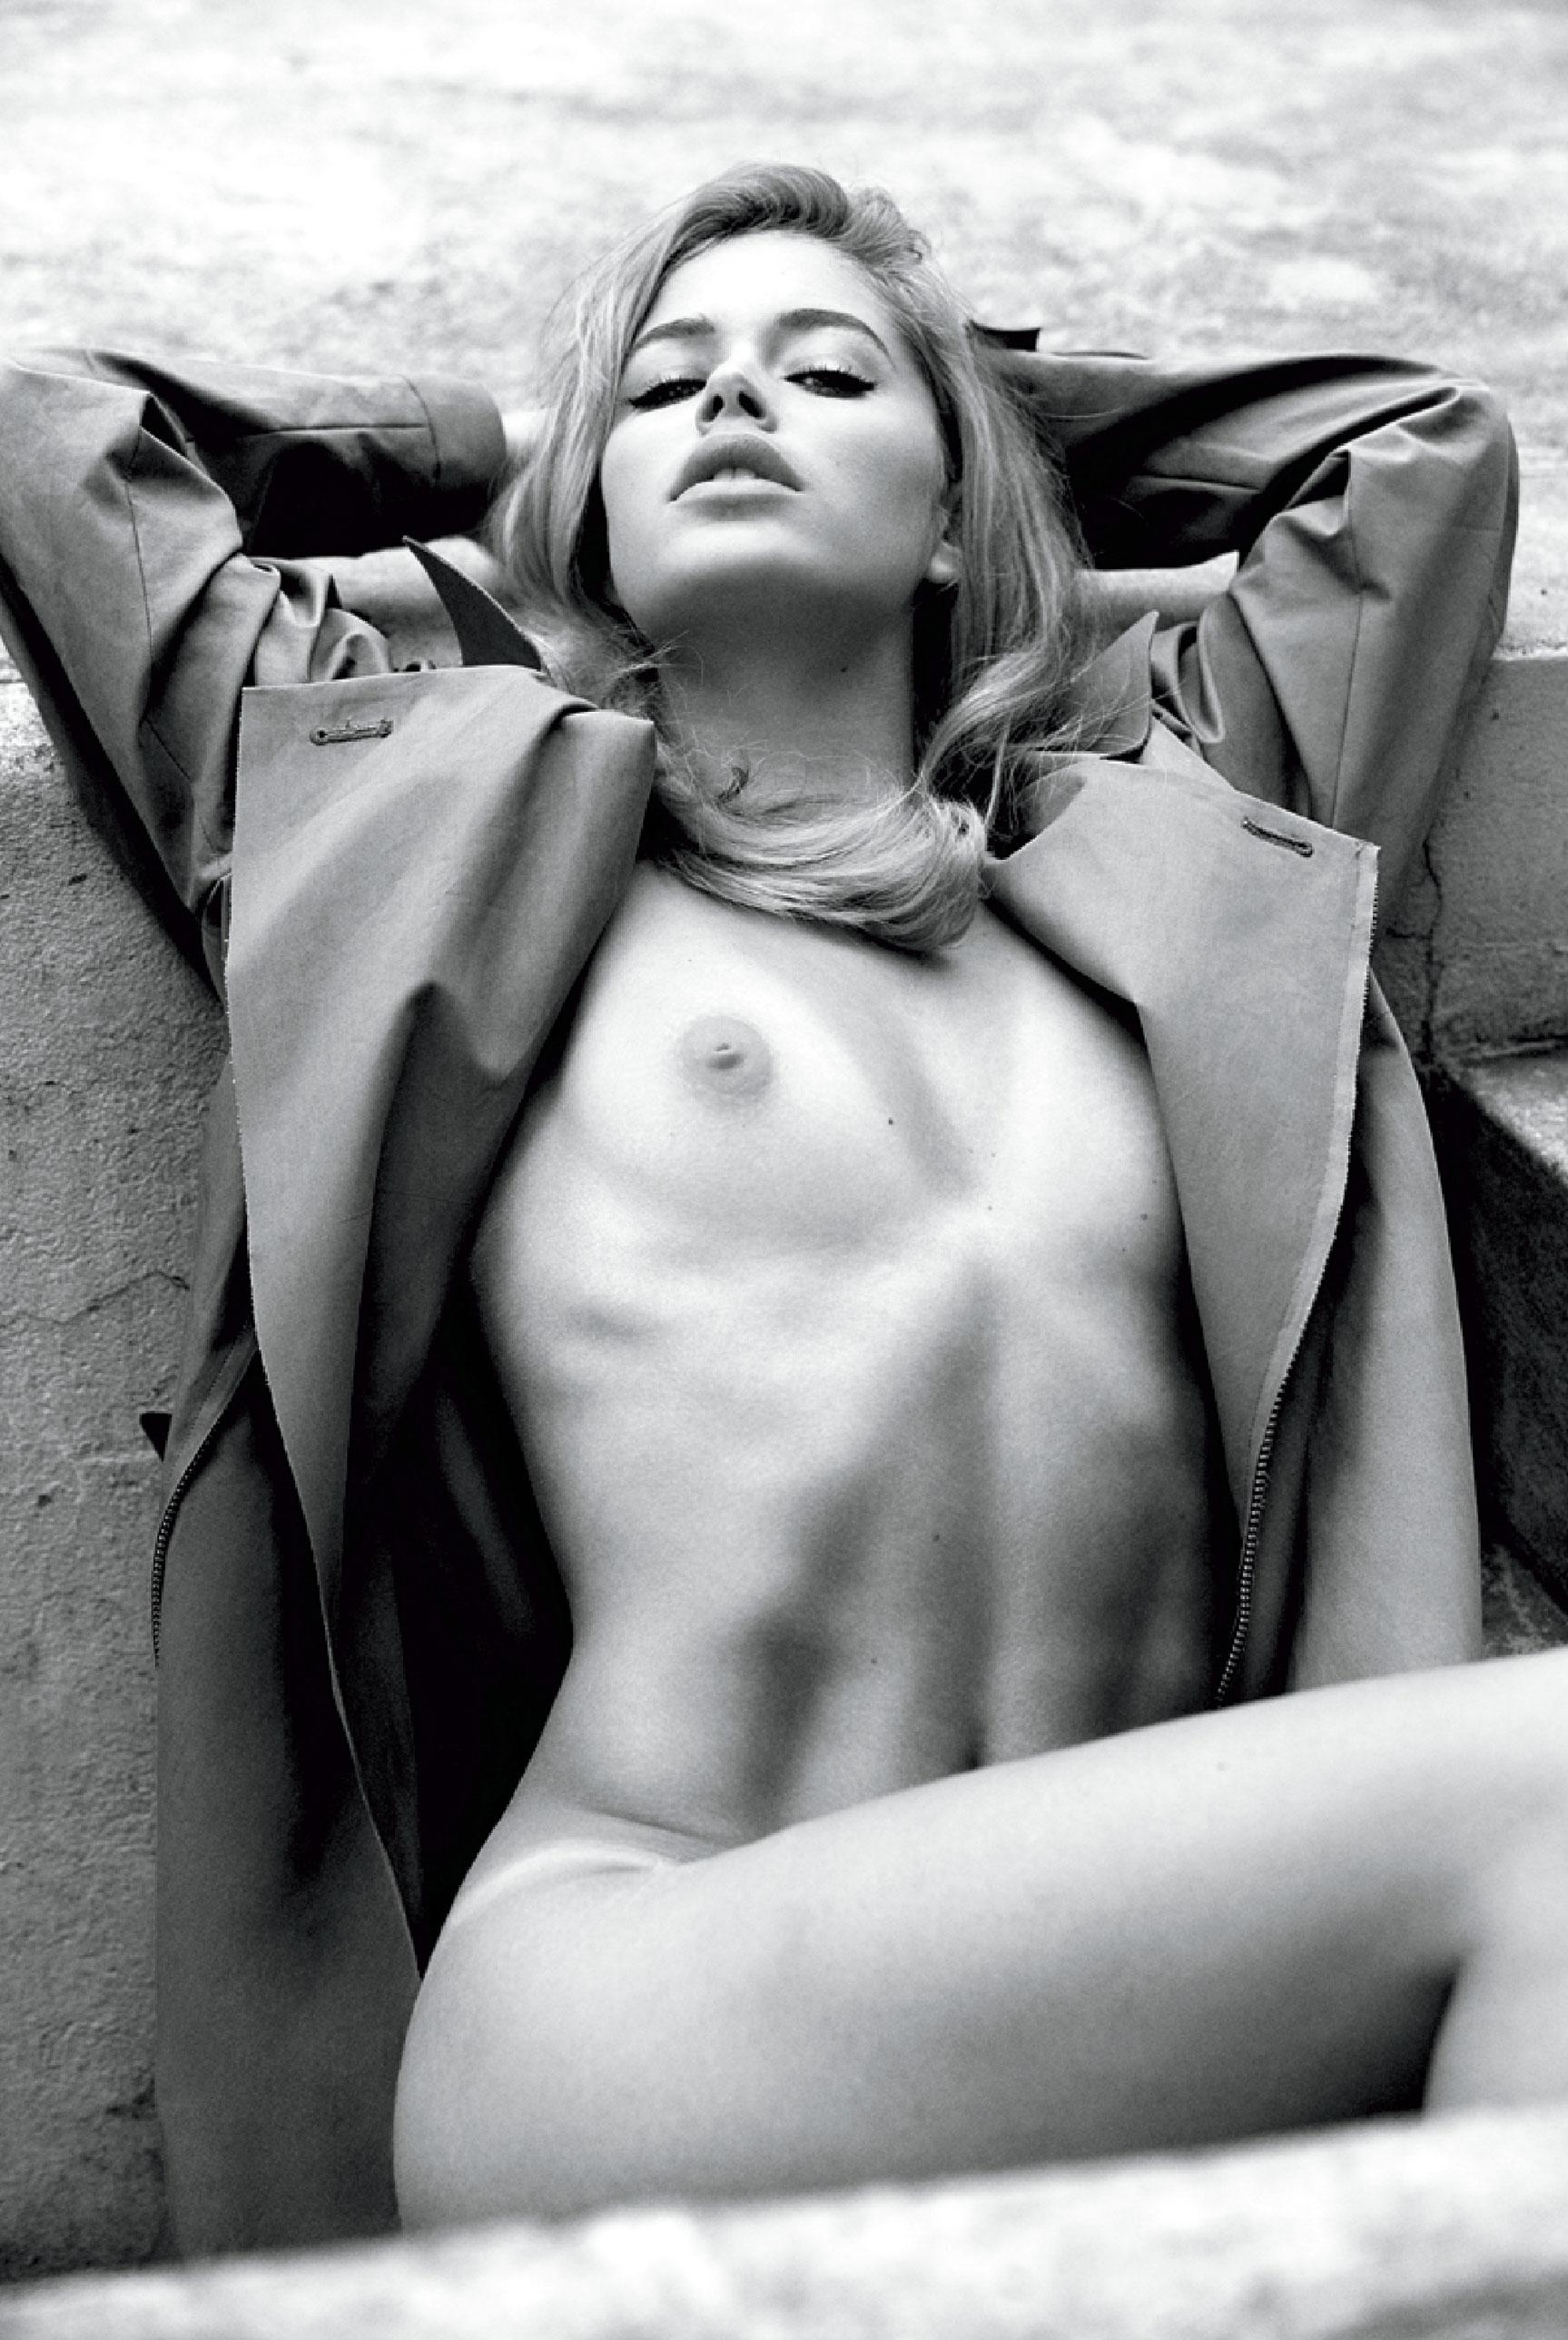 подборка фотографий сексуальных голых девушек - Doutzen Kroes